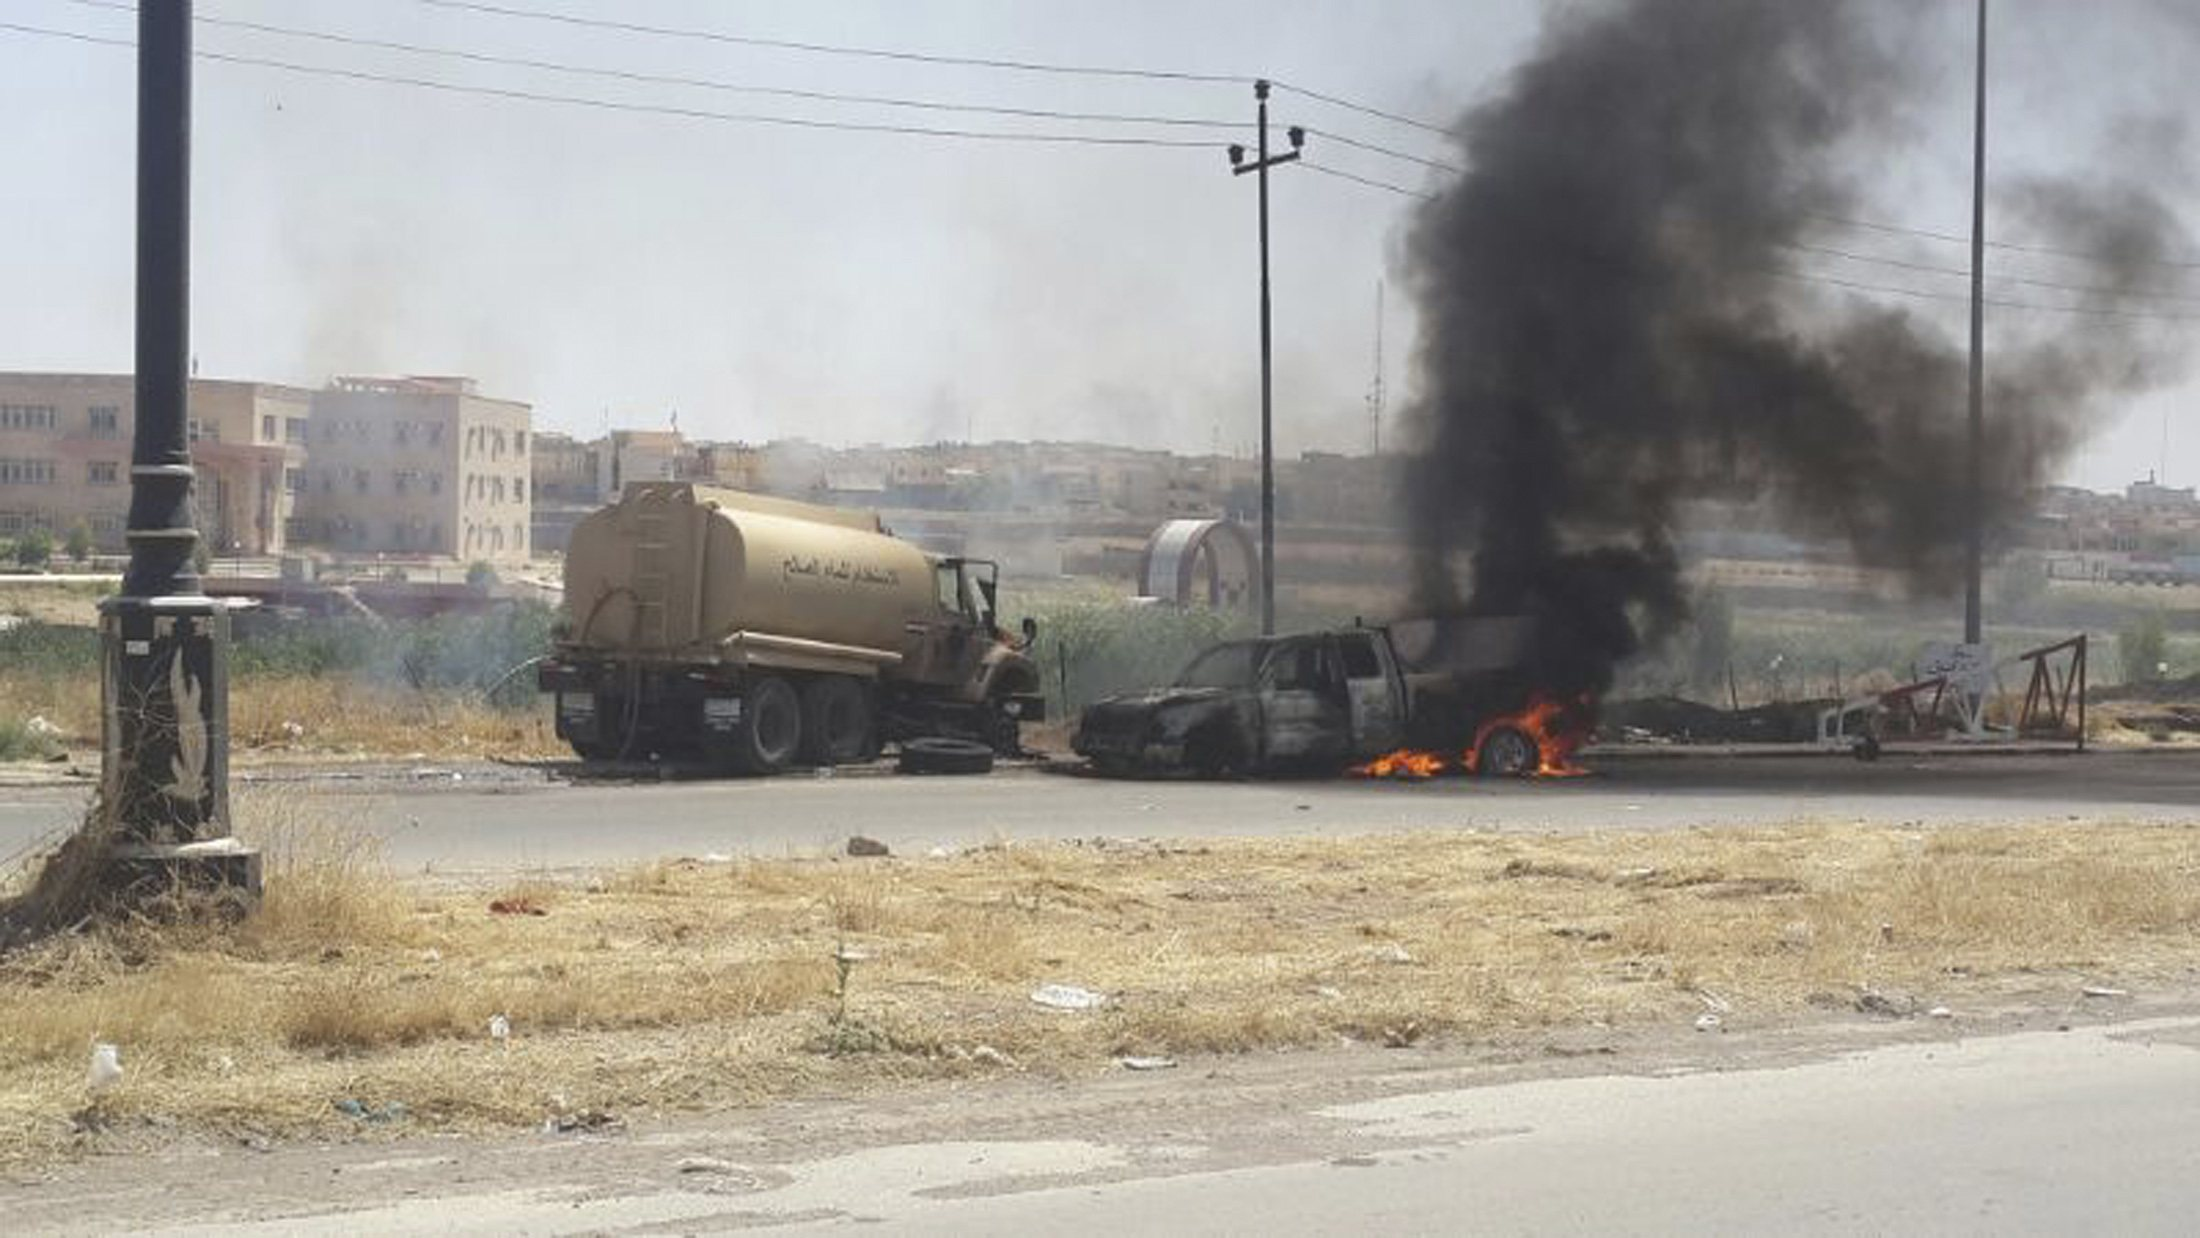 Al Qaeda-linked insurgents capture Iraq's second city